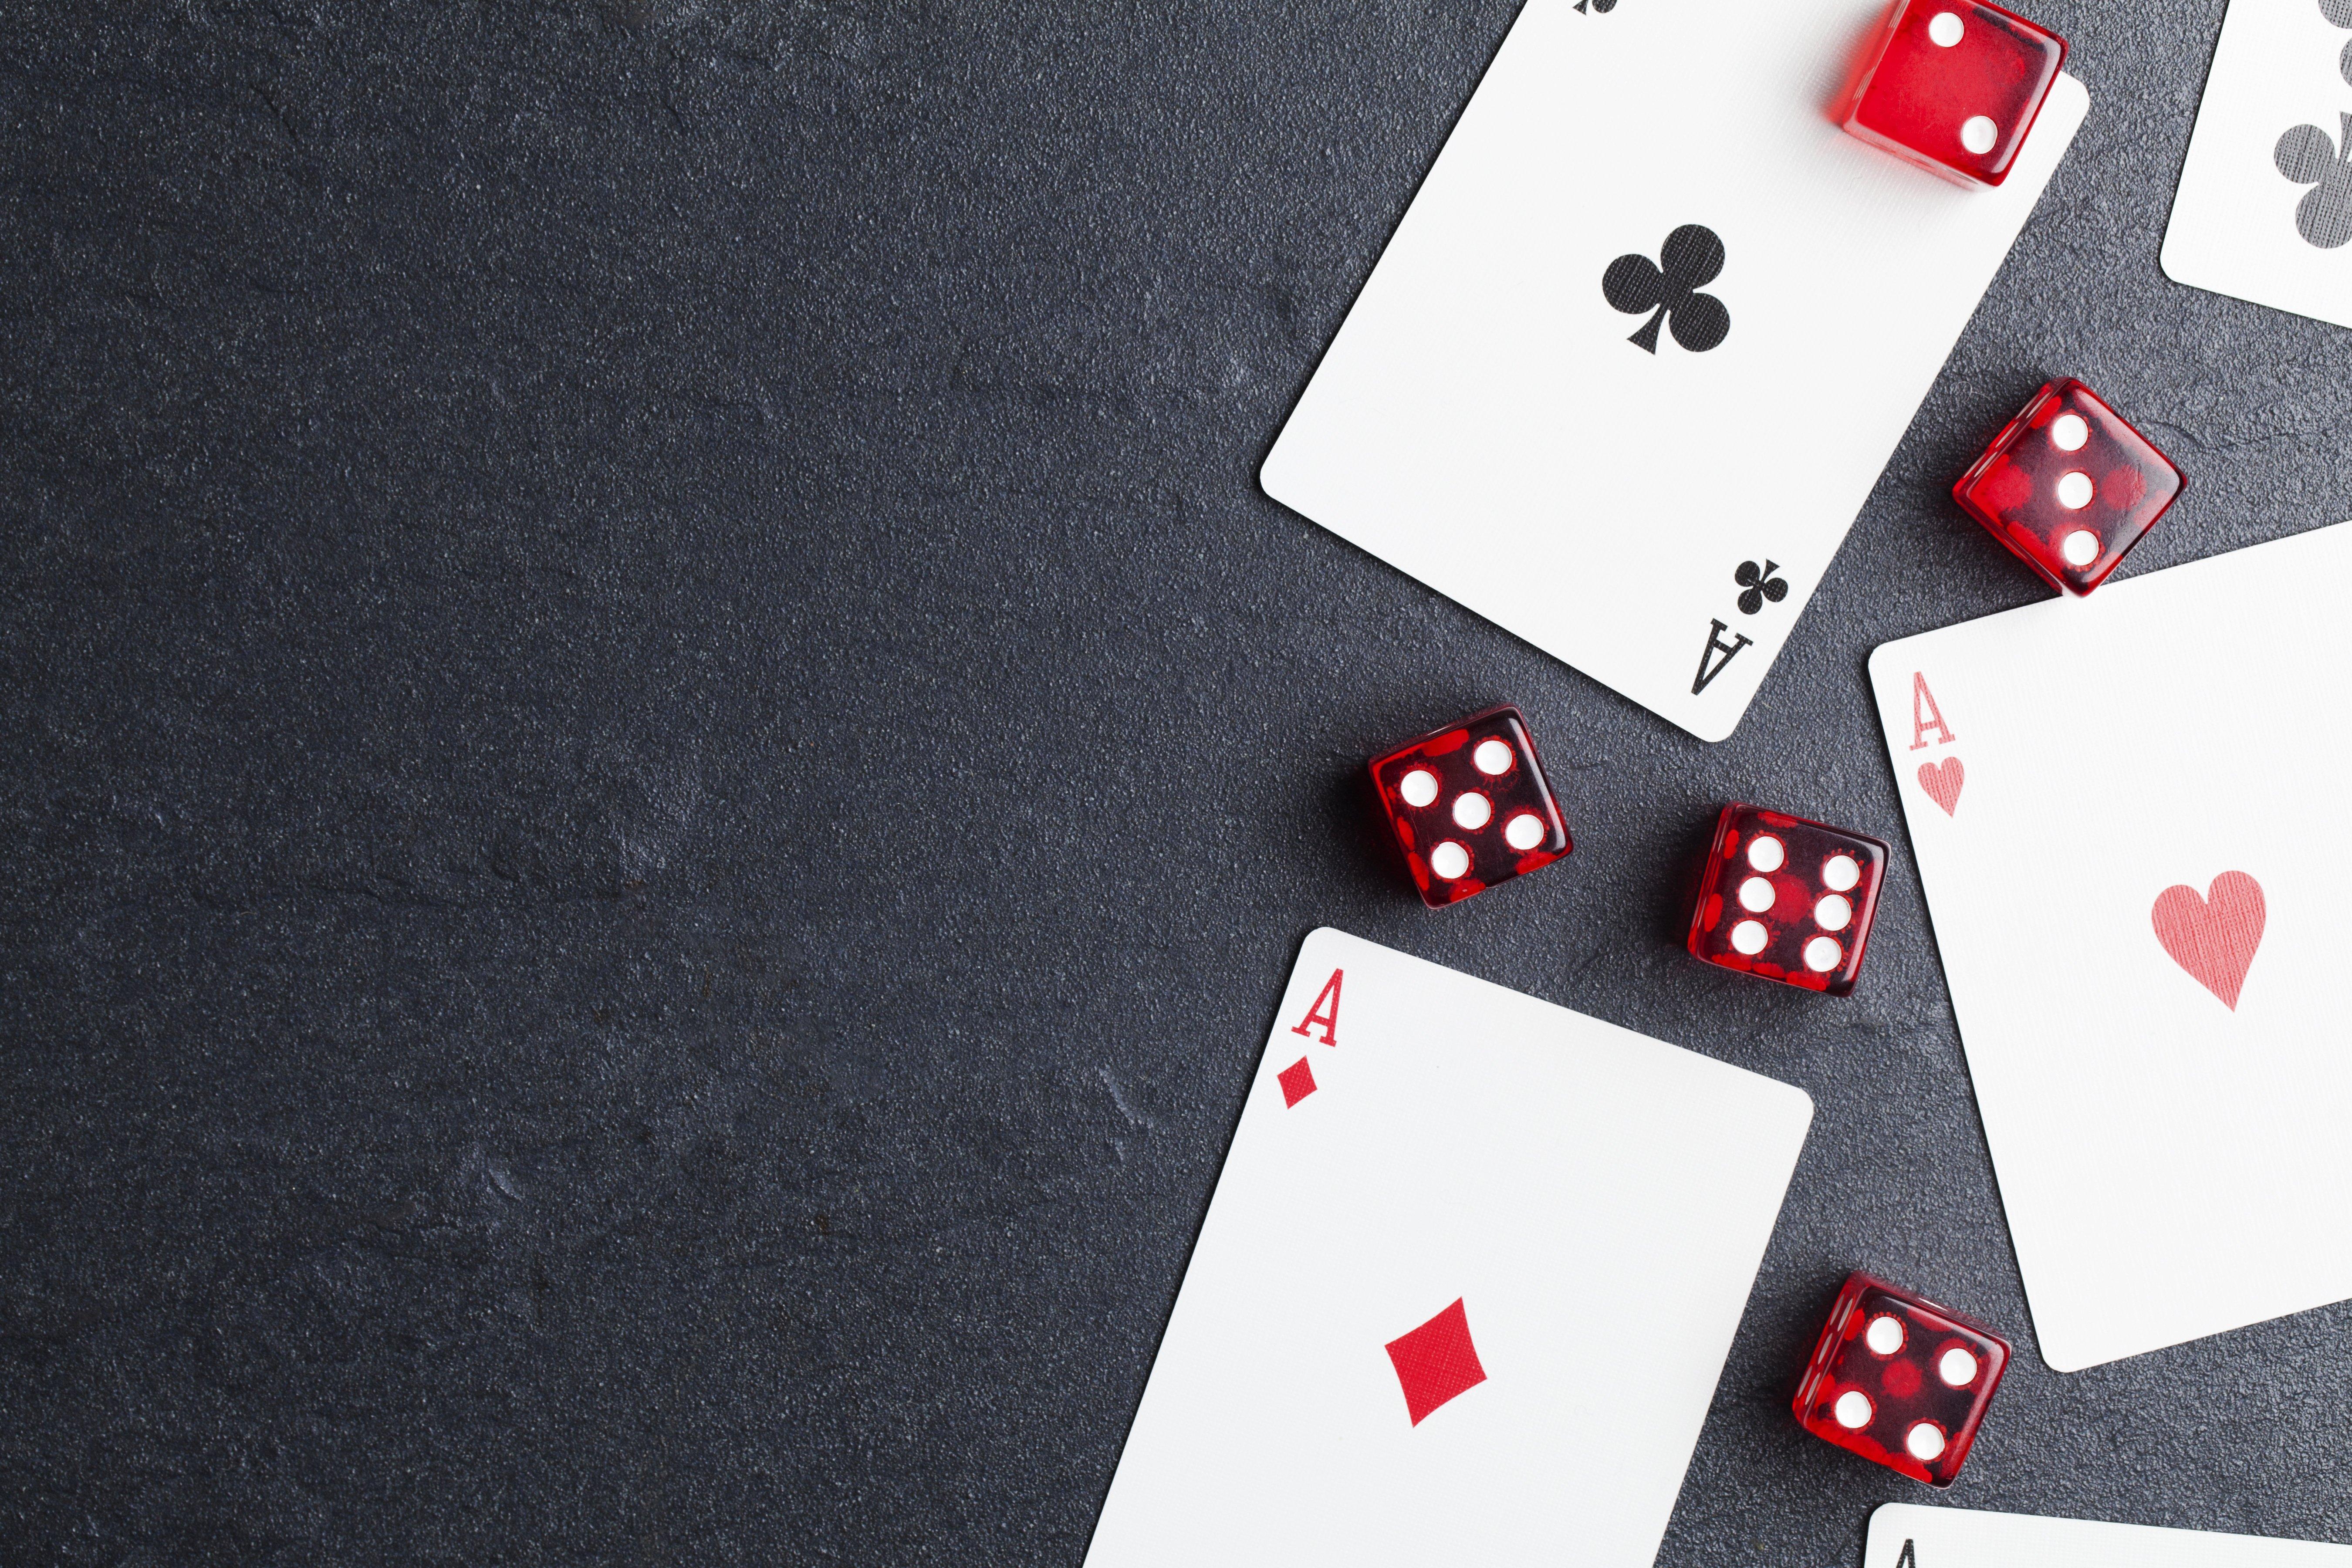 Tribal casino accounting